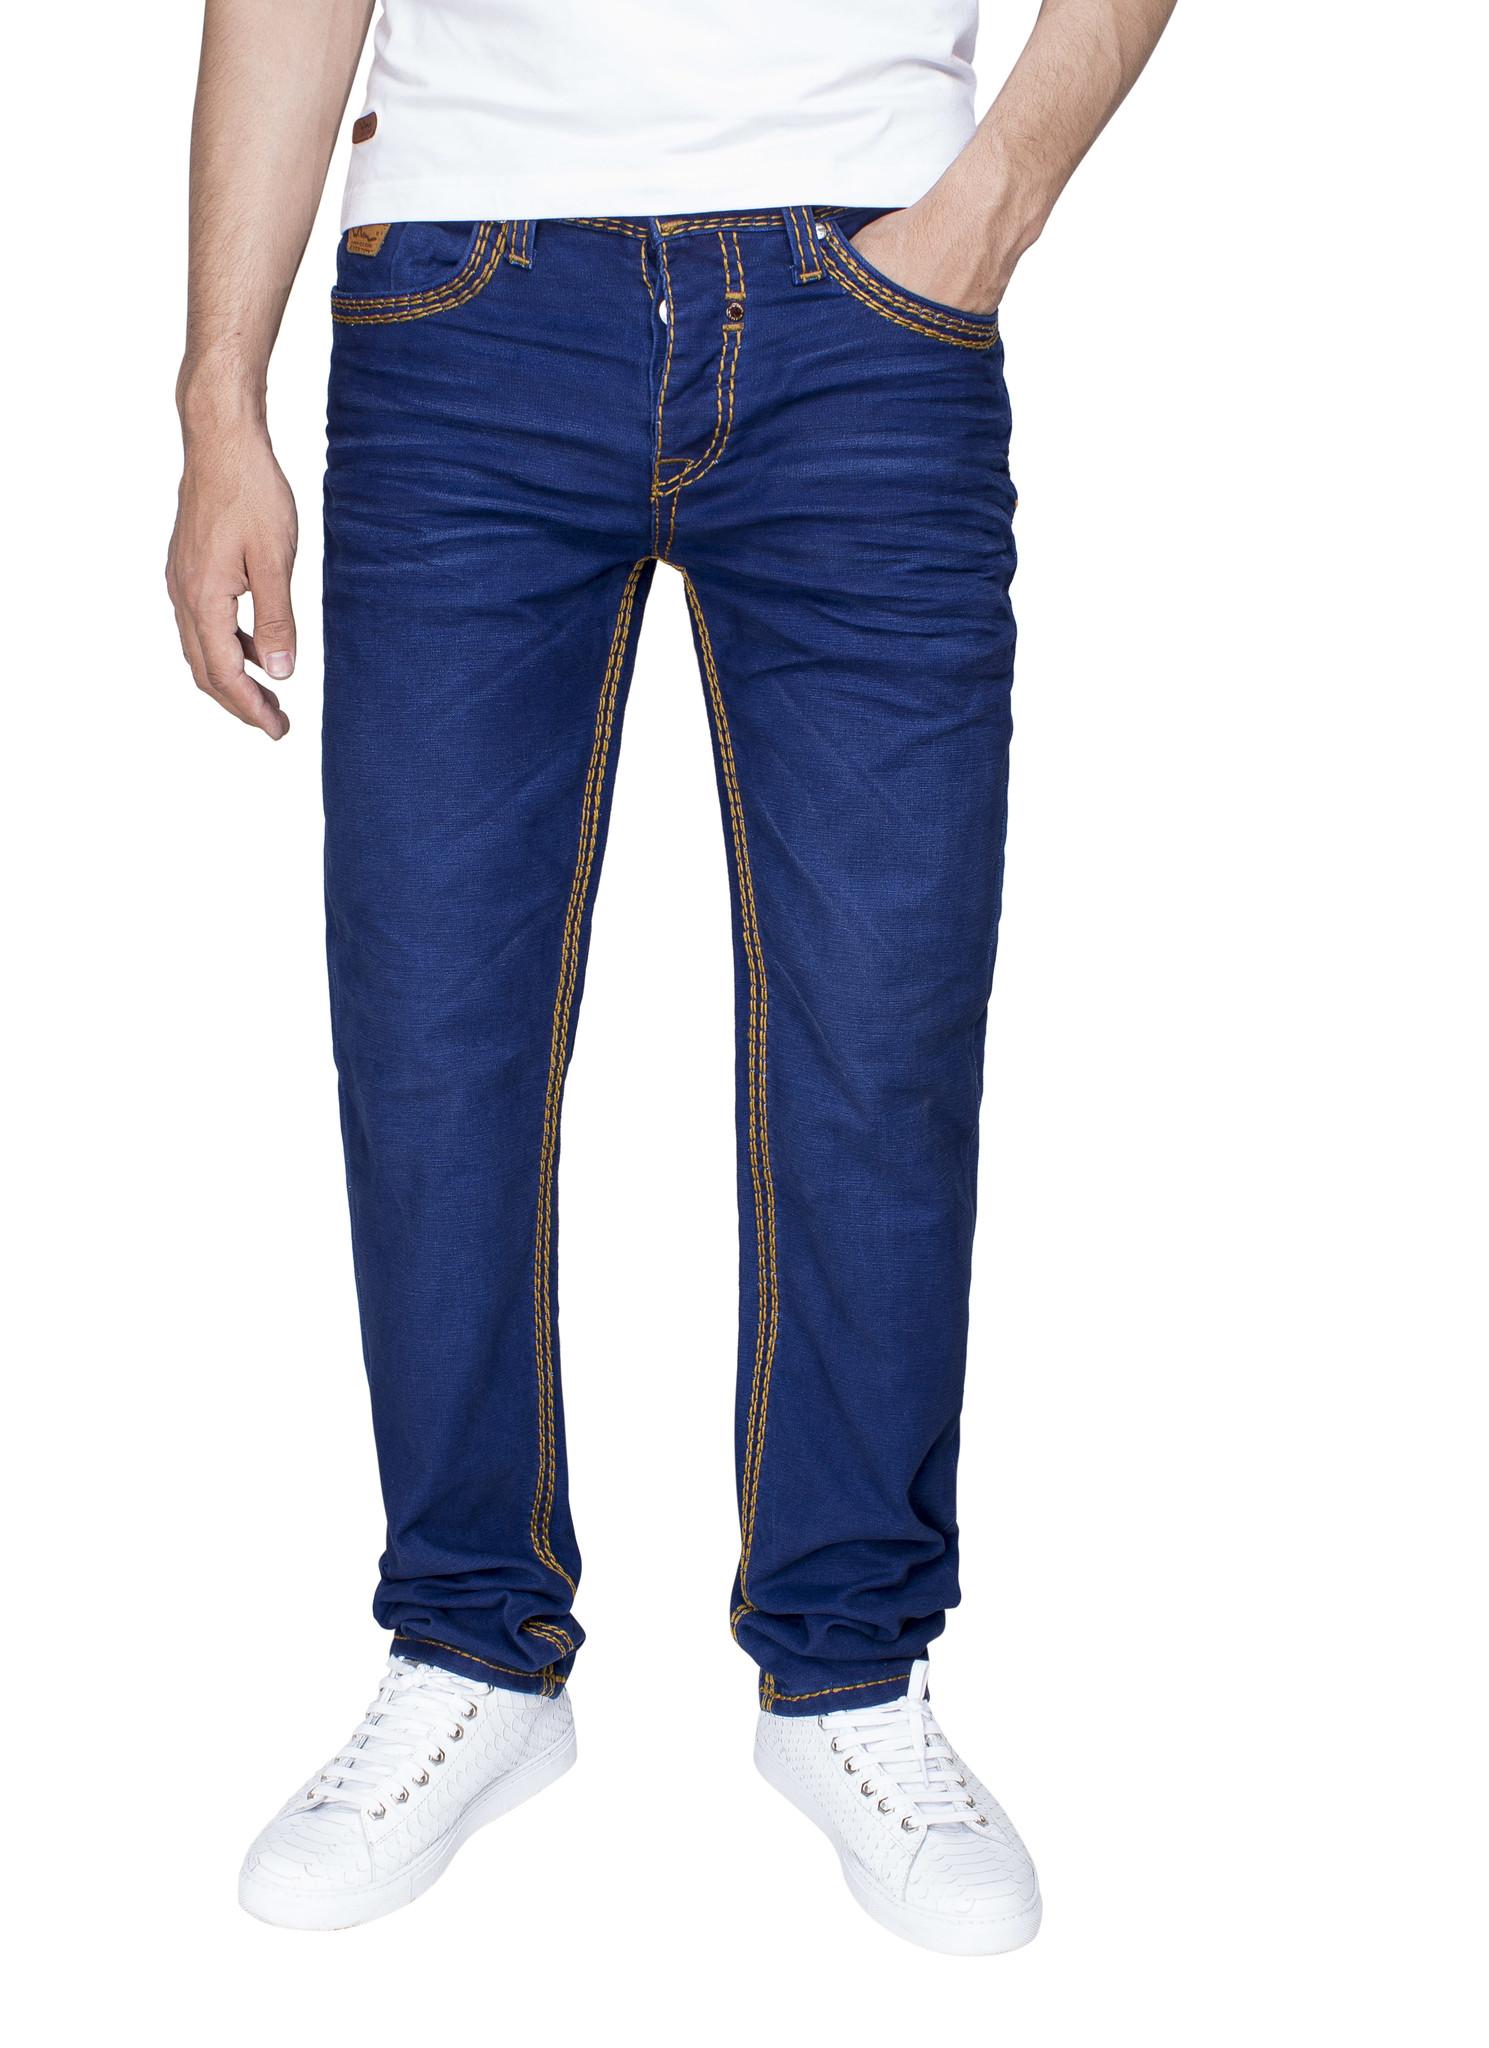 Wam Denim Jeans 92180 Blue L34 Maat: 34/34